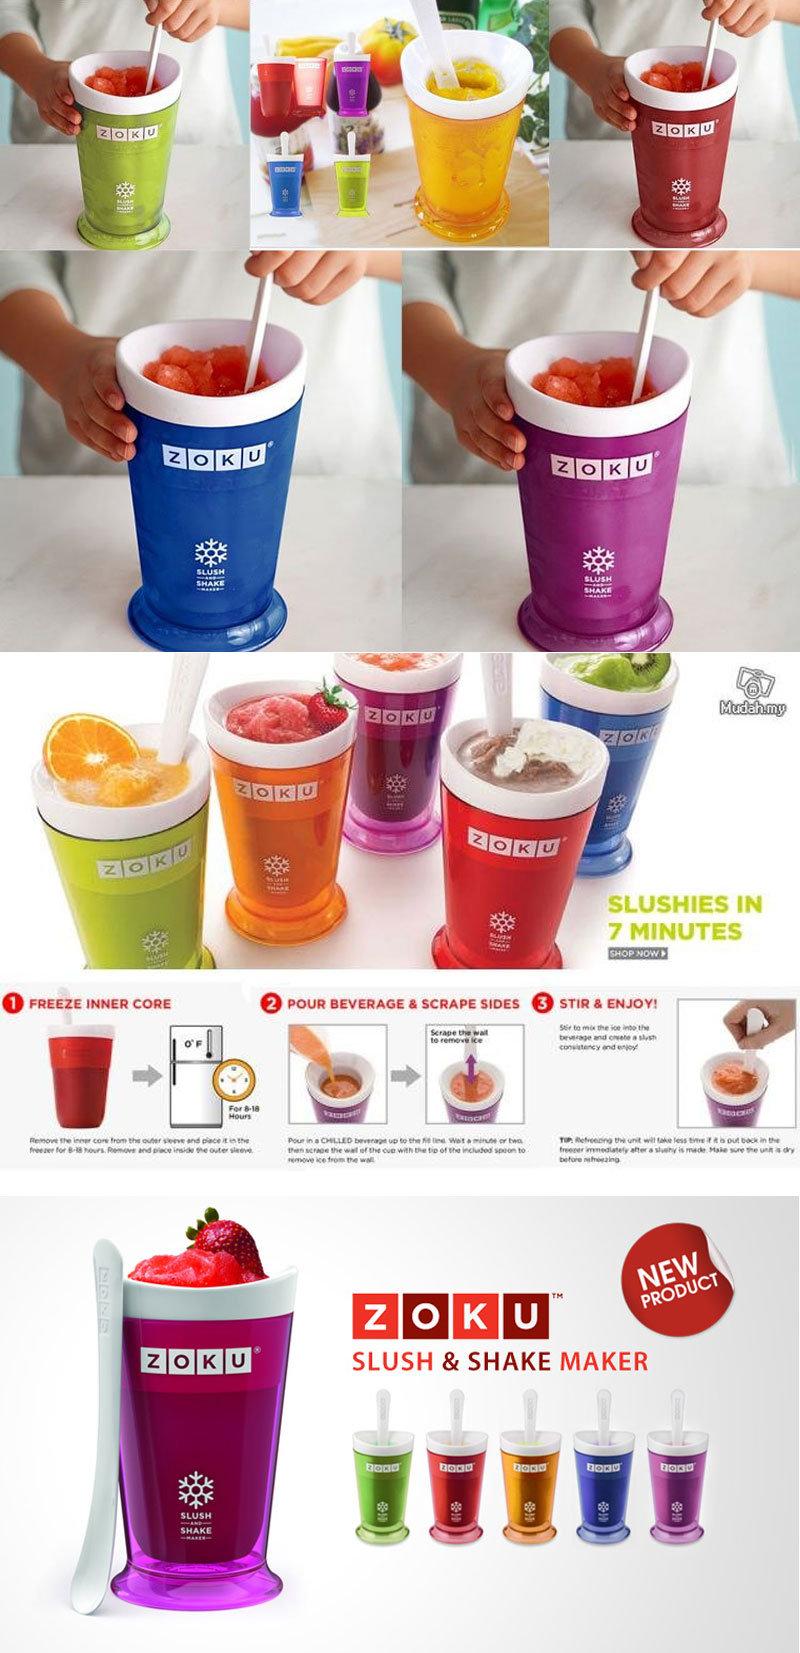 Buy 1 Get Deals For Only Rp175000 Instead Of Rp299900 Shake N Take 3 2 Cup Dapat Ini Warna Dikirim Random